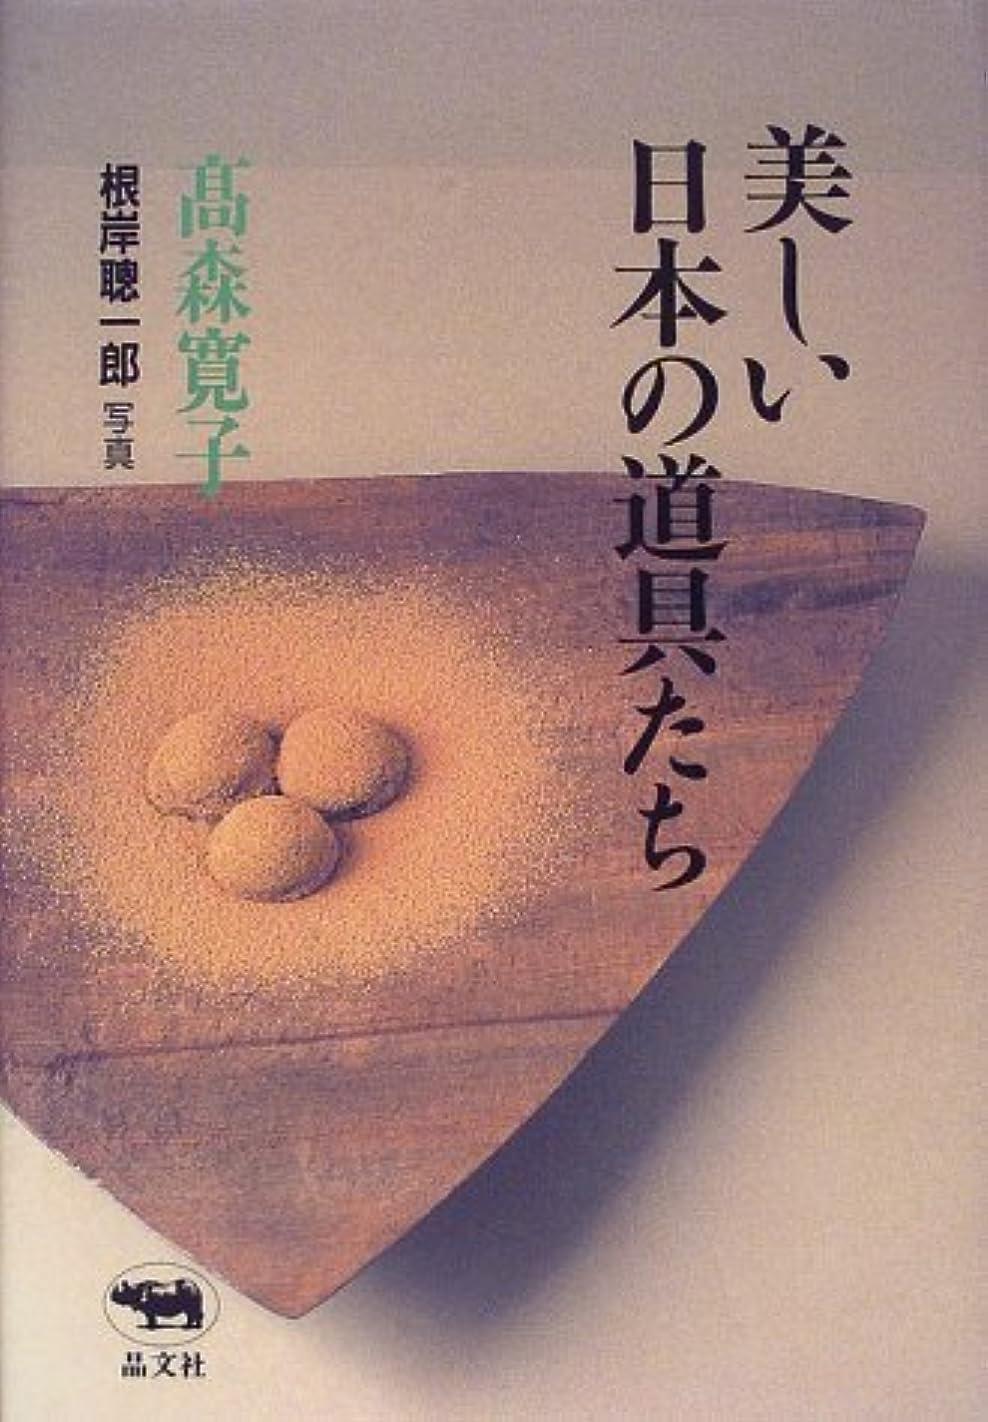 カップル新しさ裁判官美しい日本の道具たち